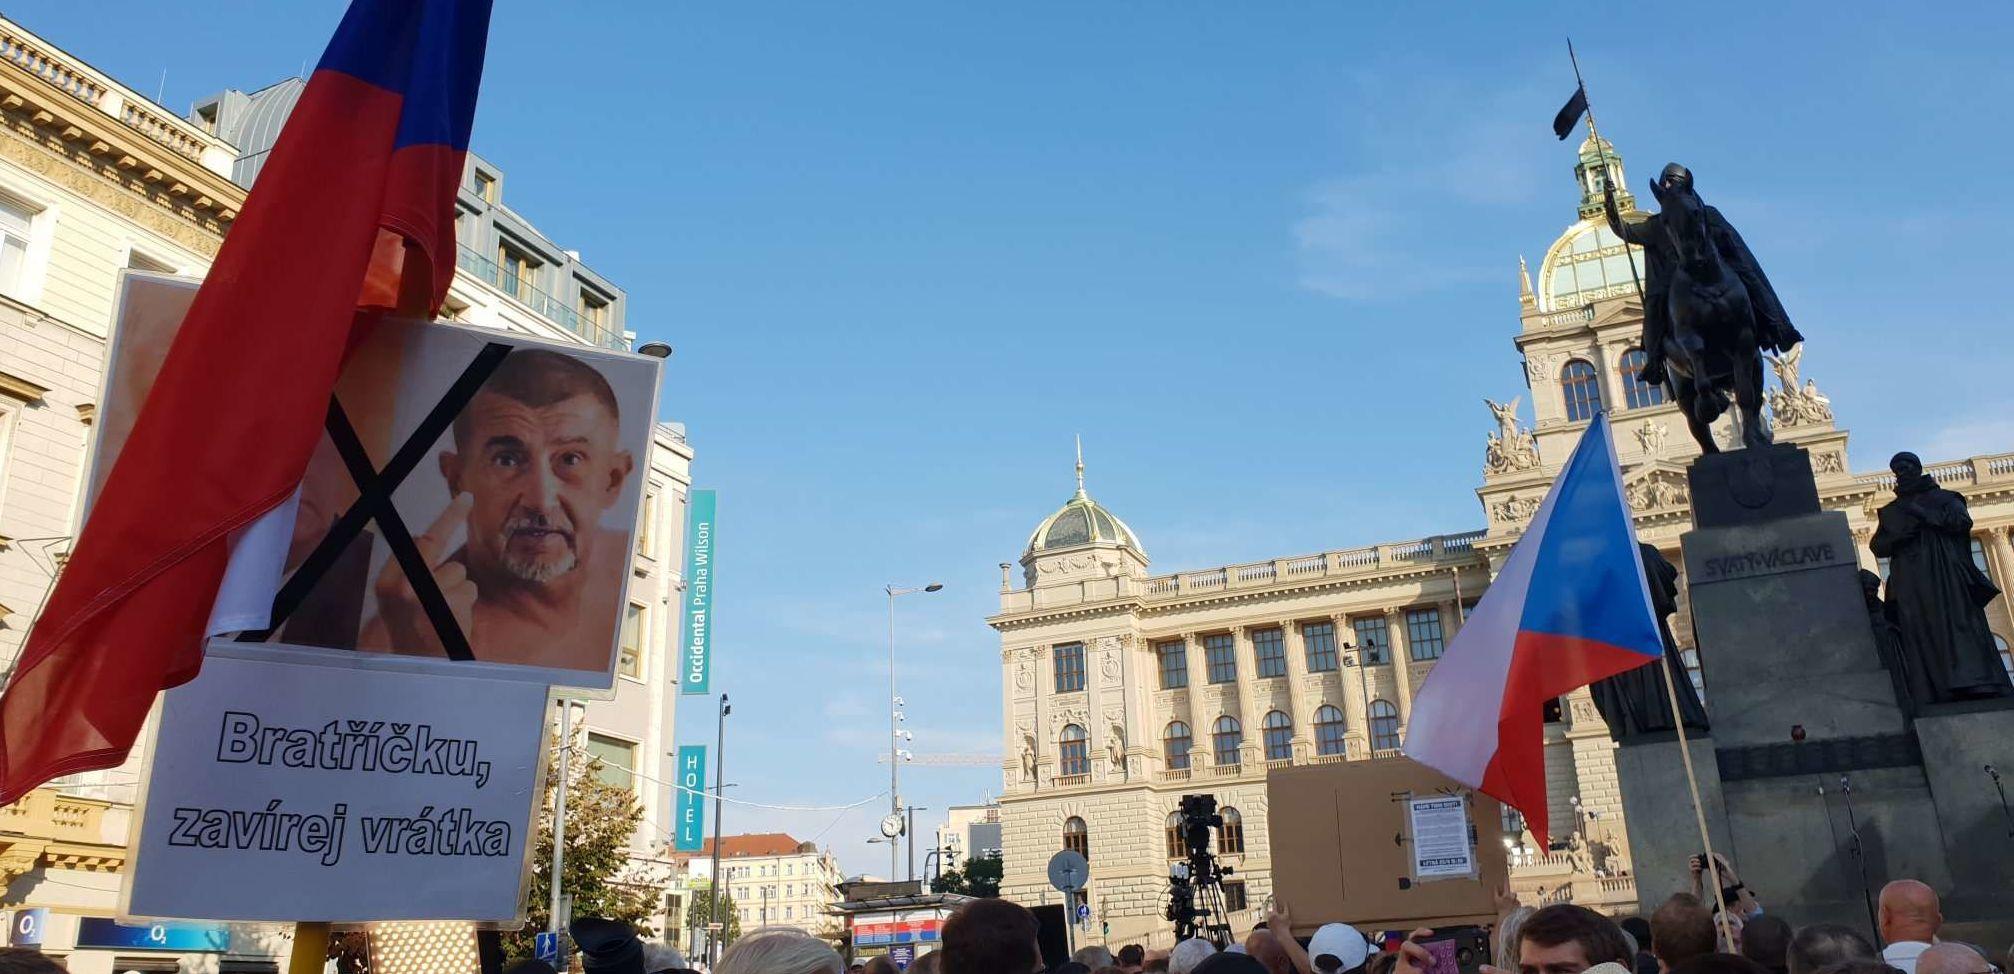 Účastníci pochodu dne 21. srpna 2019 na Václavském náměstí v Praze